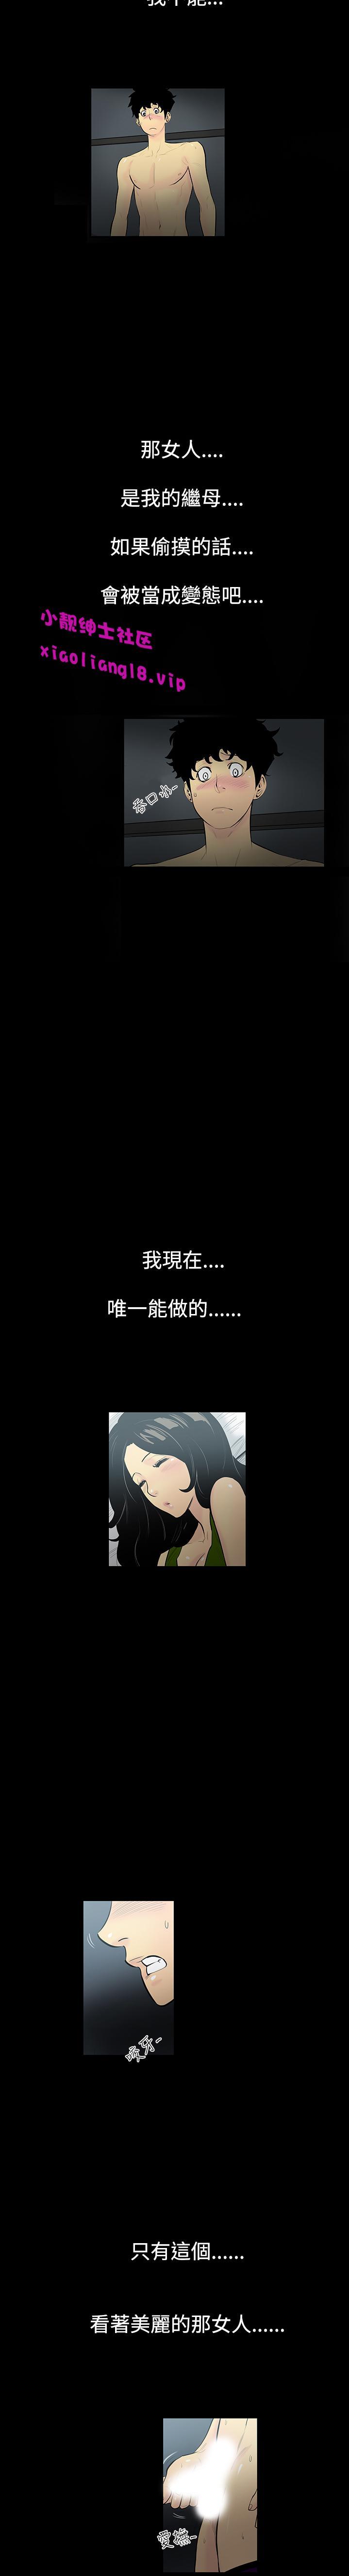 中文韩漫 無法停止的甜蜜關係 Ch.0-12 11